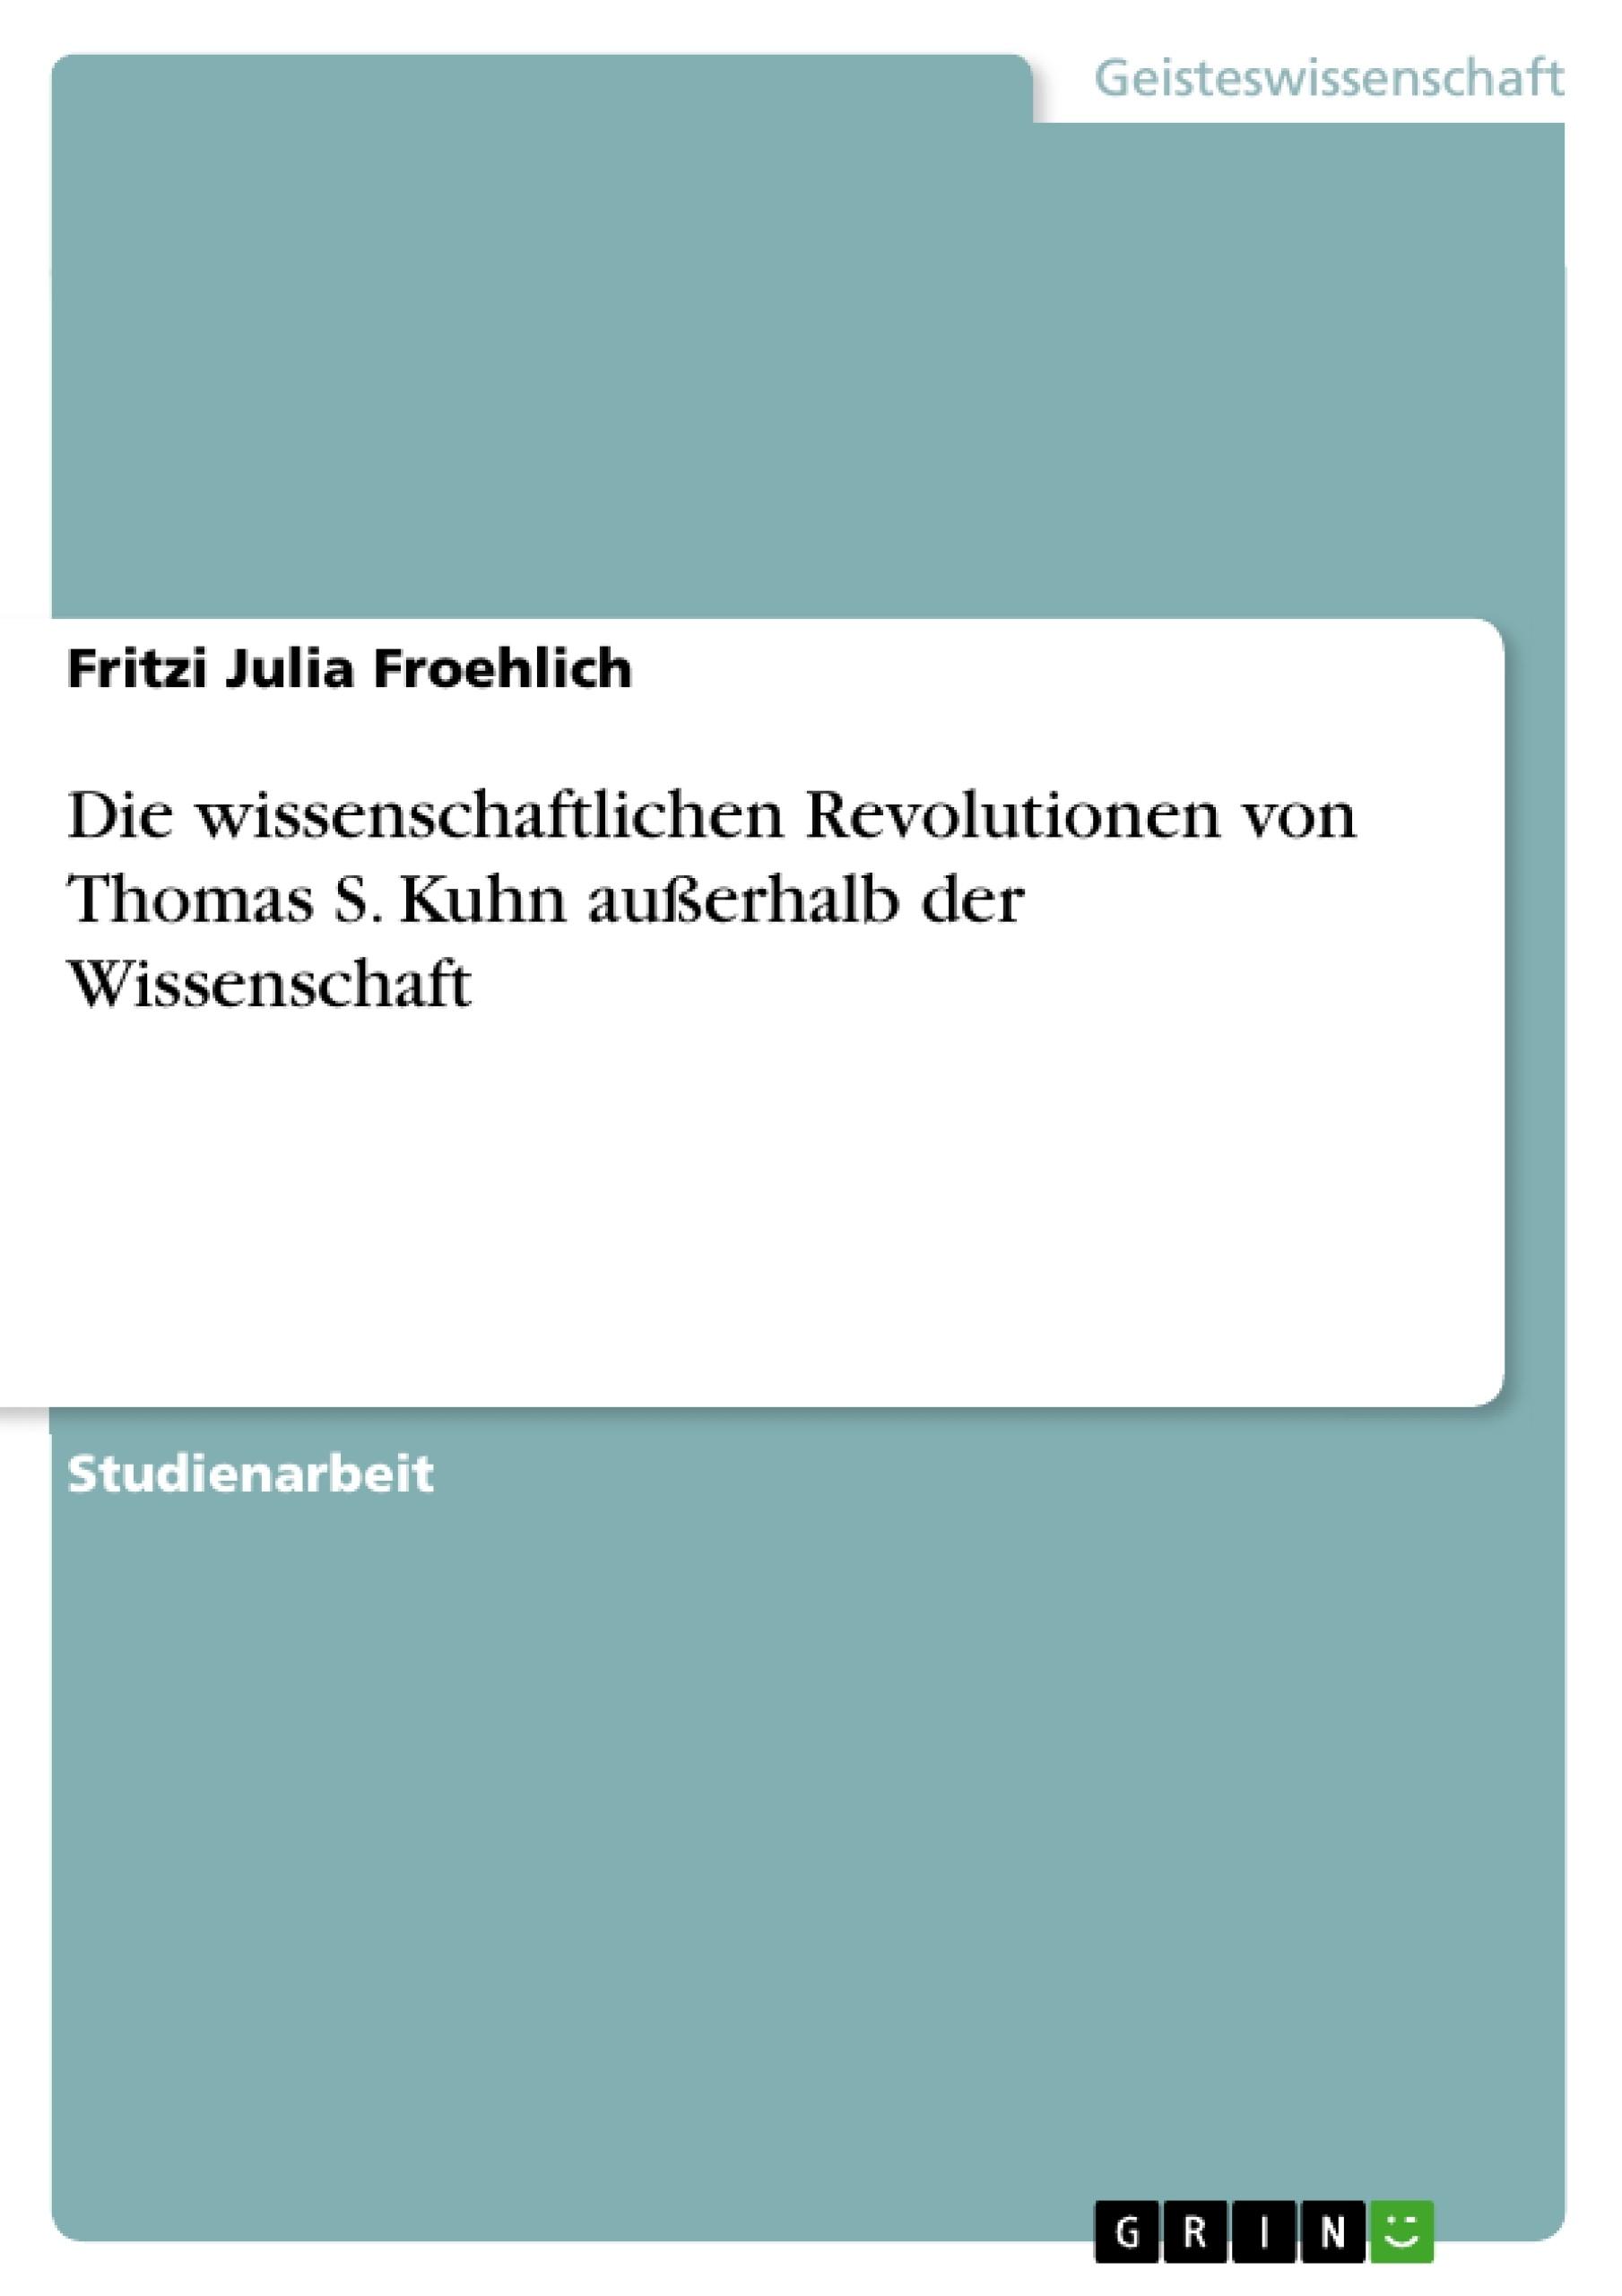 Titel: Die wissenschaftlichen Revolutionen von Thomas S. Kuhn außerhalb der Wissenschaft